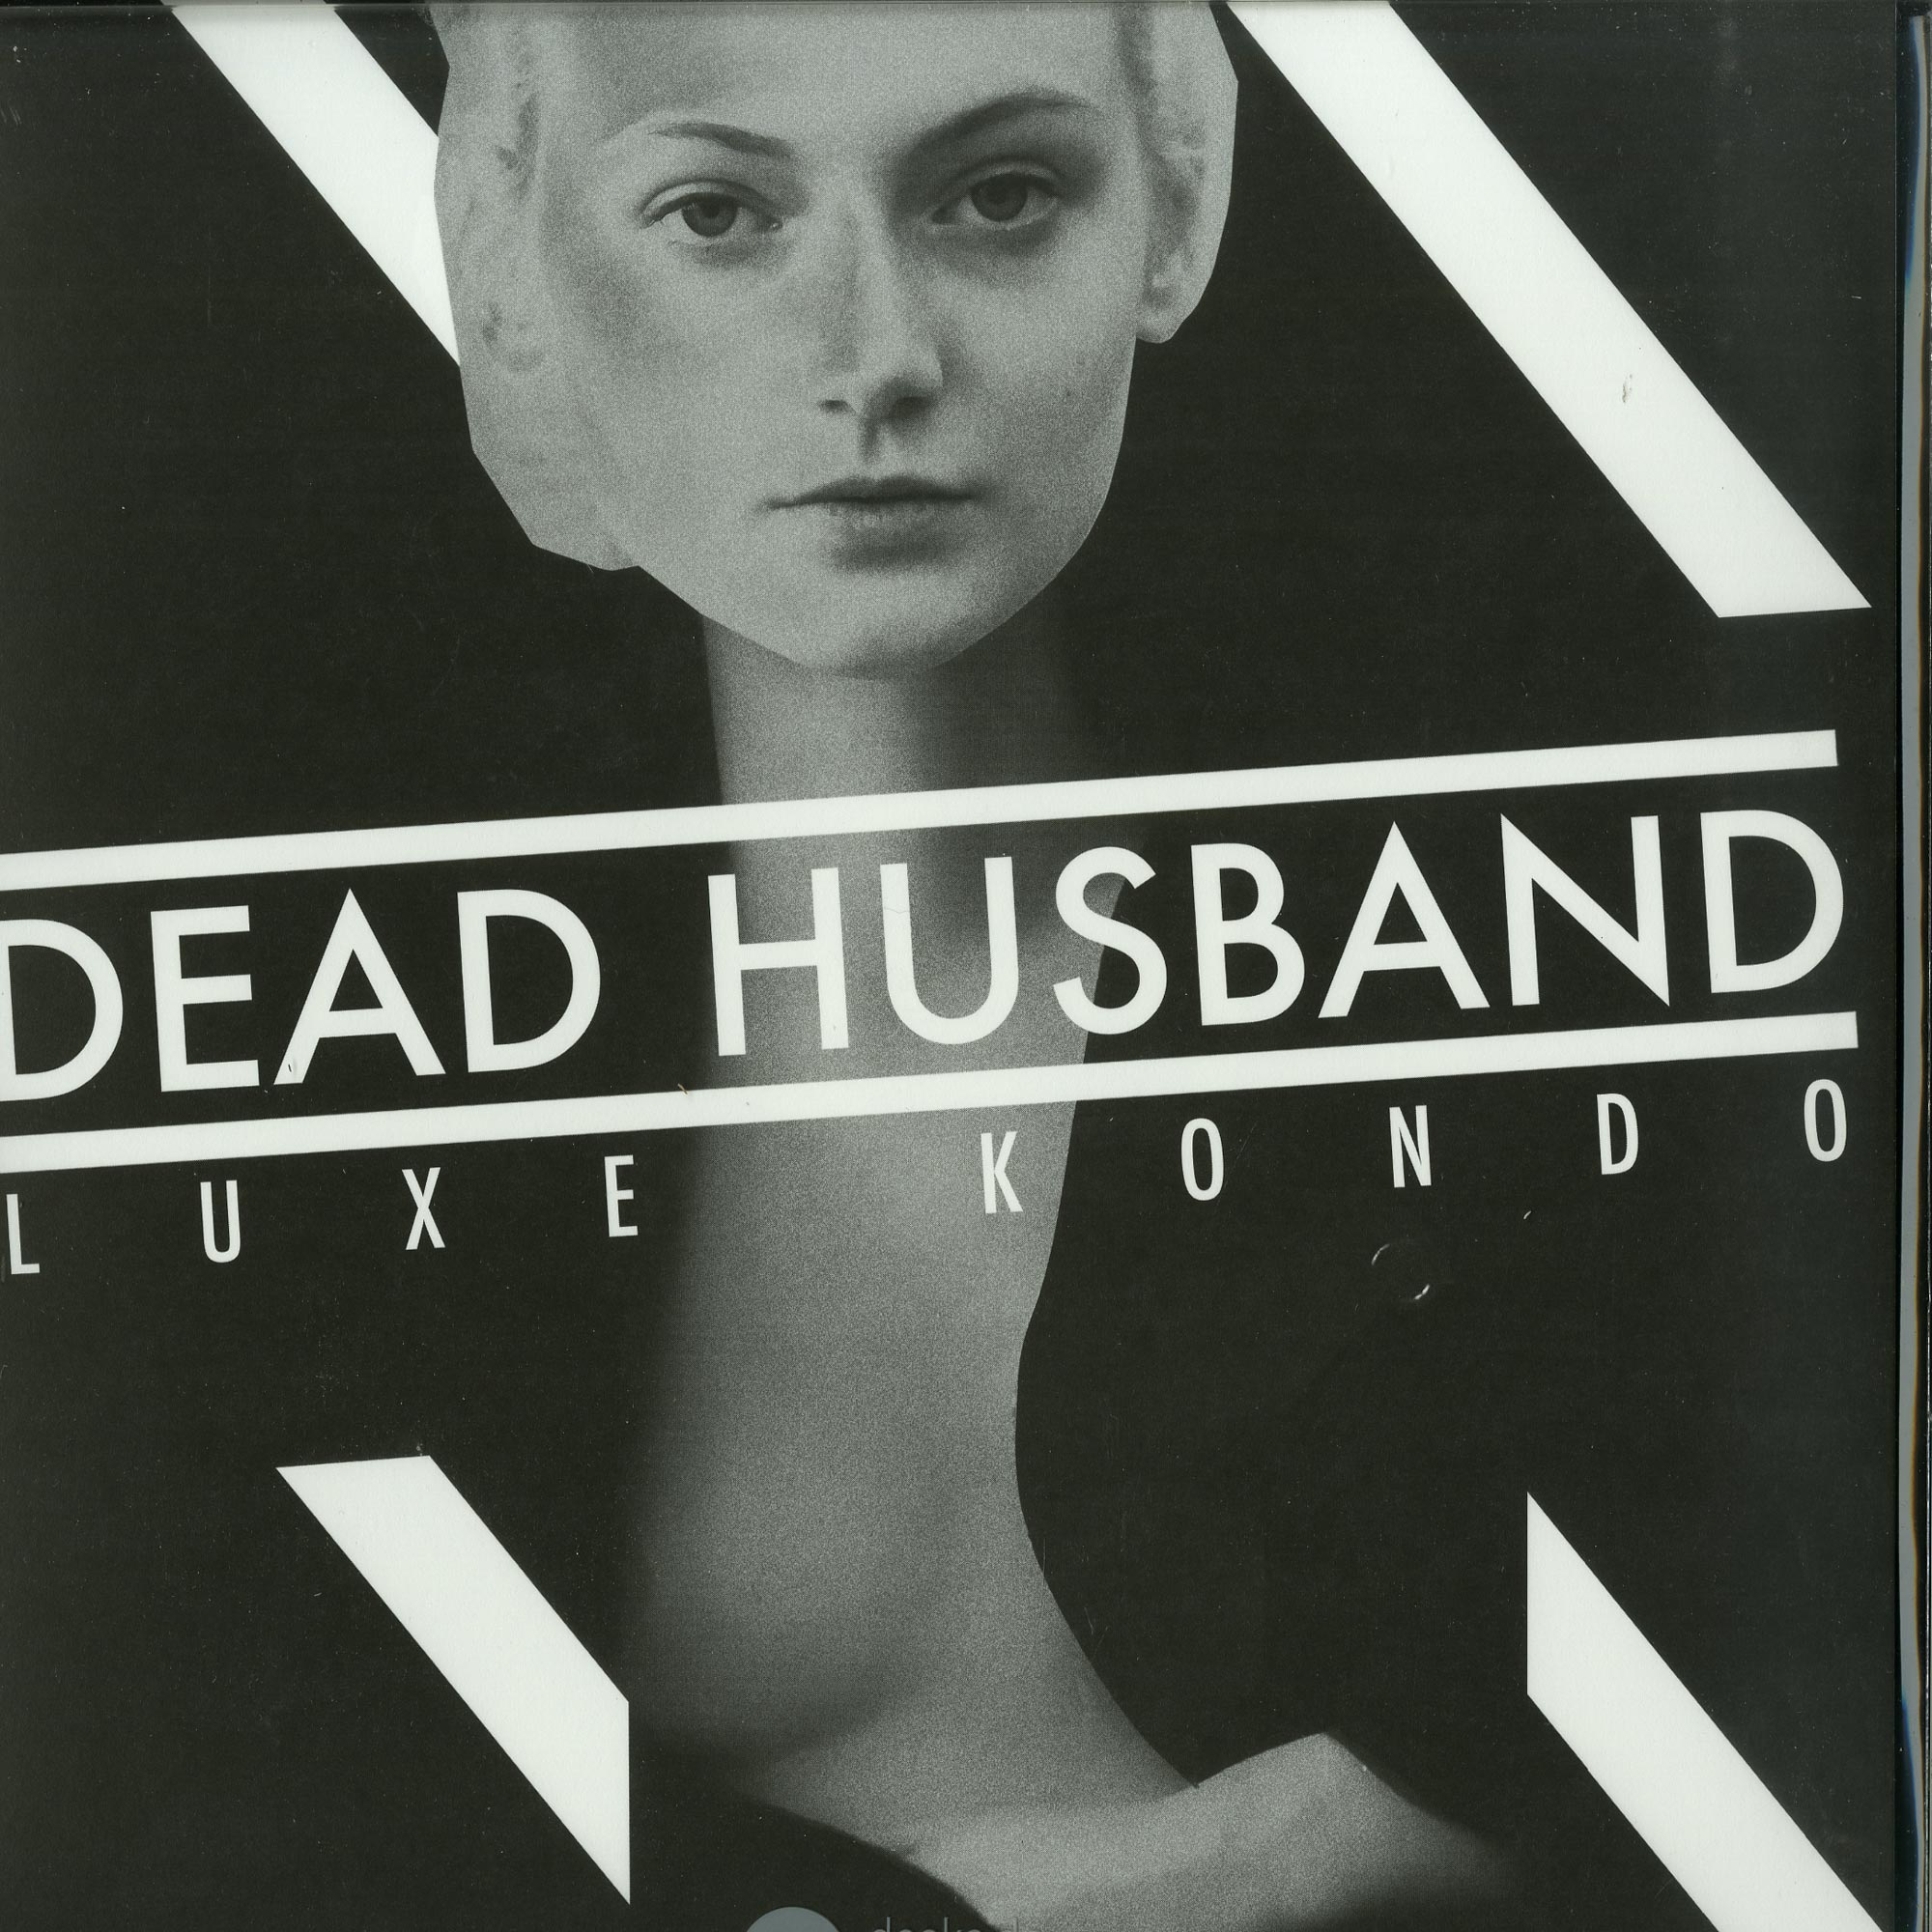 Dead Husband - LUXE KONDO